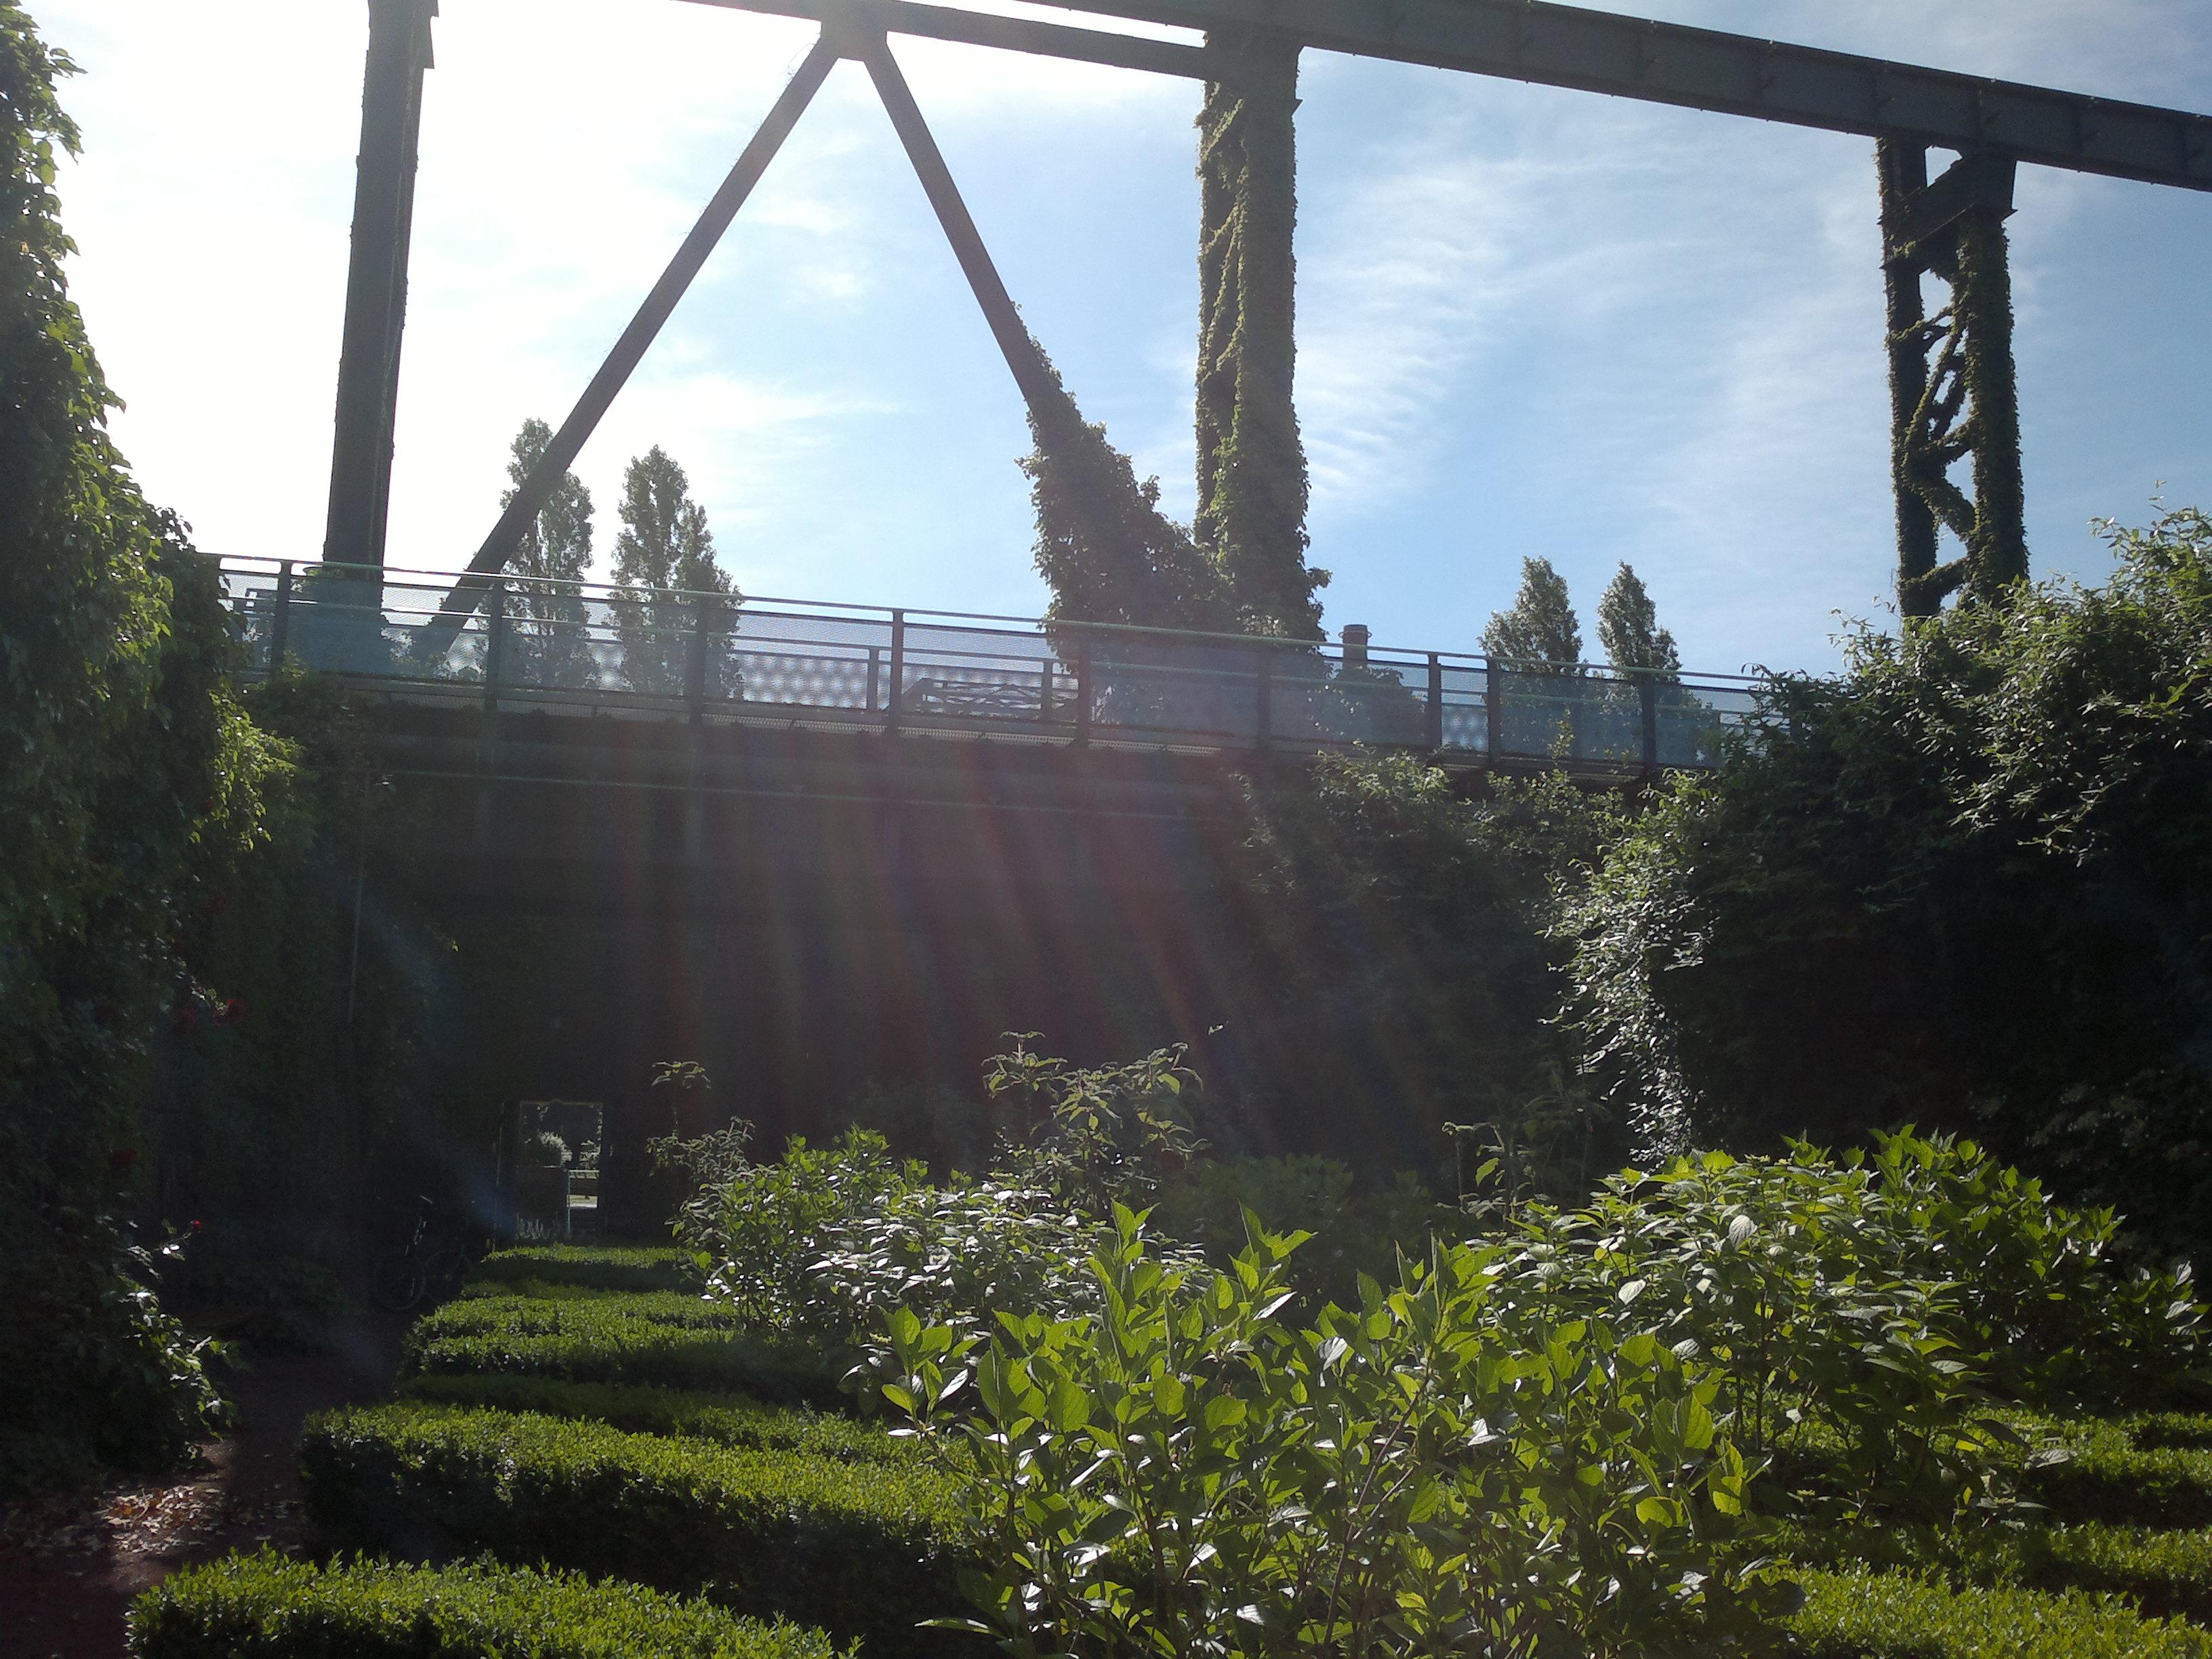 """Ausblick nach oben aus einem der """"geheimen"""" Gärten, die in den ehemaligen Koksbunkern angelegt wurden"""